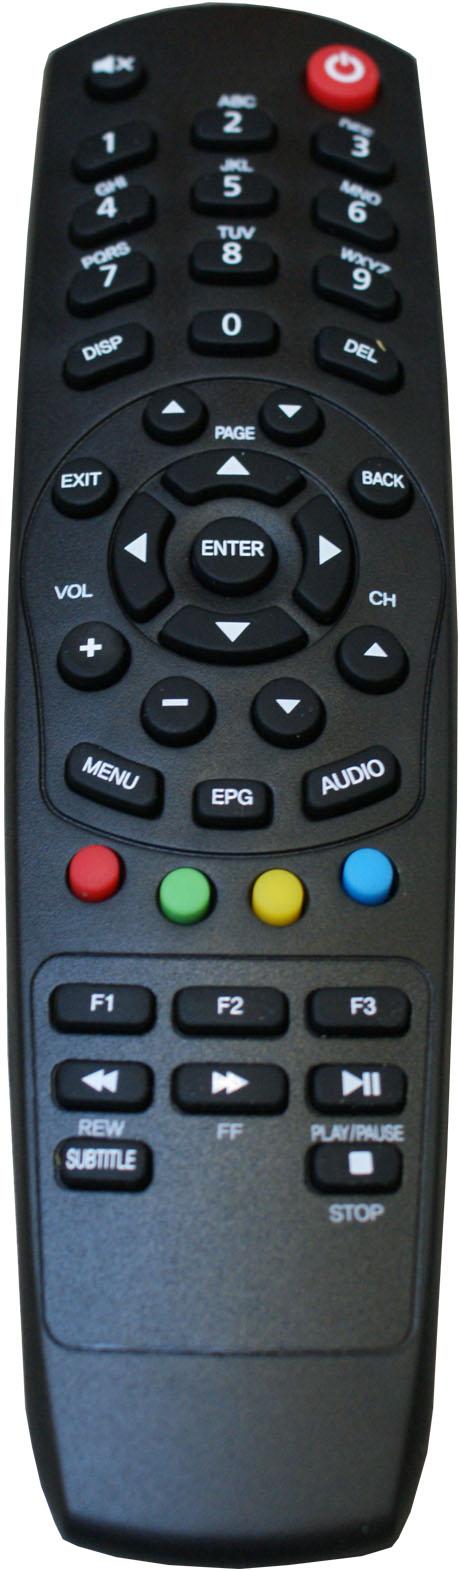 ZAAPTV Fjärrkontroll till HD409 box.